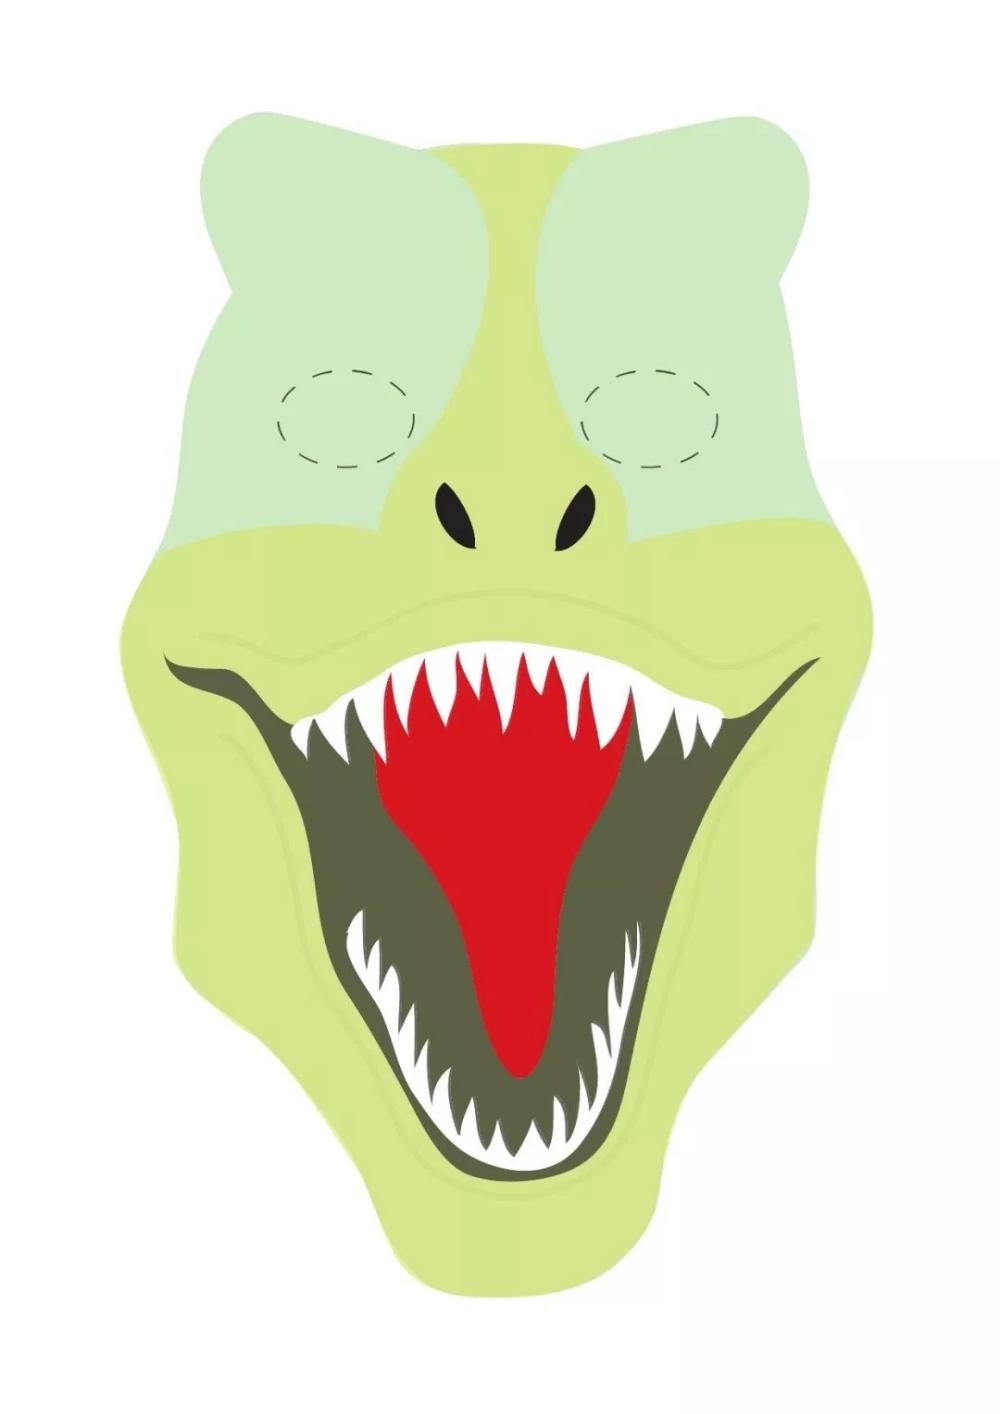 Materialy Tematyczne Do Druku Dzien Dinozaura Kolorowe Maski Na Twarz Dinosaur Mask Mask Template Dinosaur Themed Birthday Party